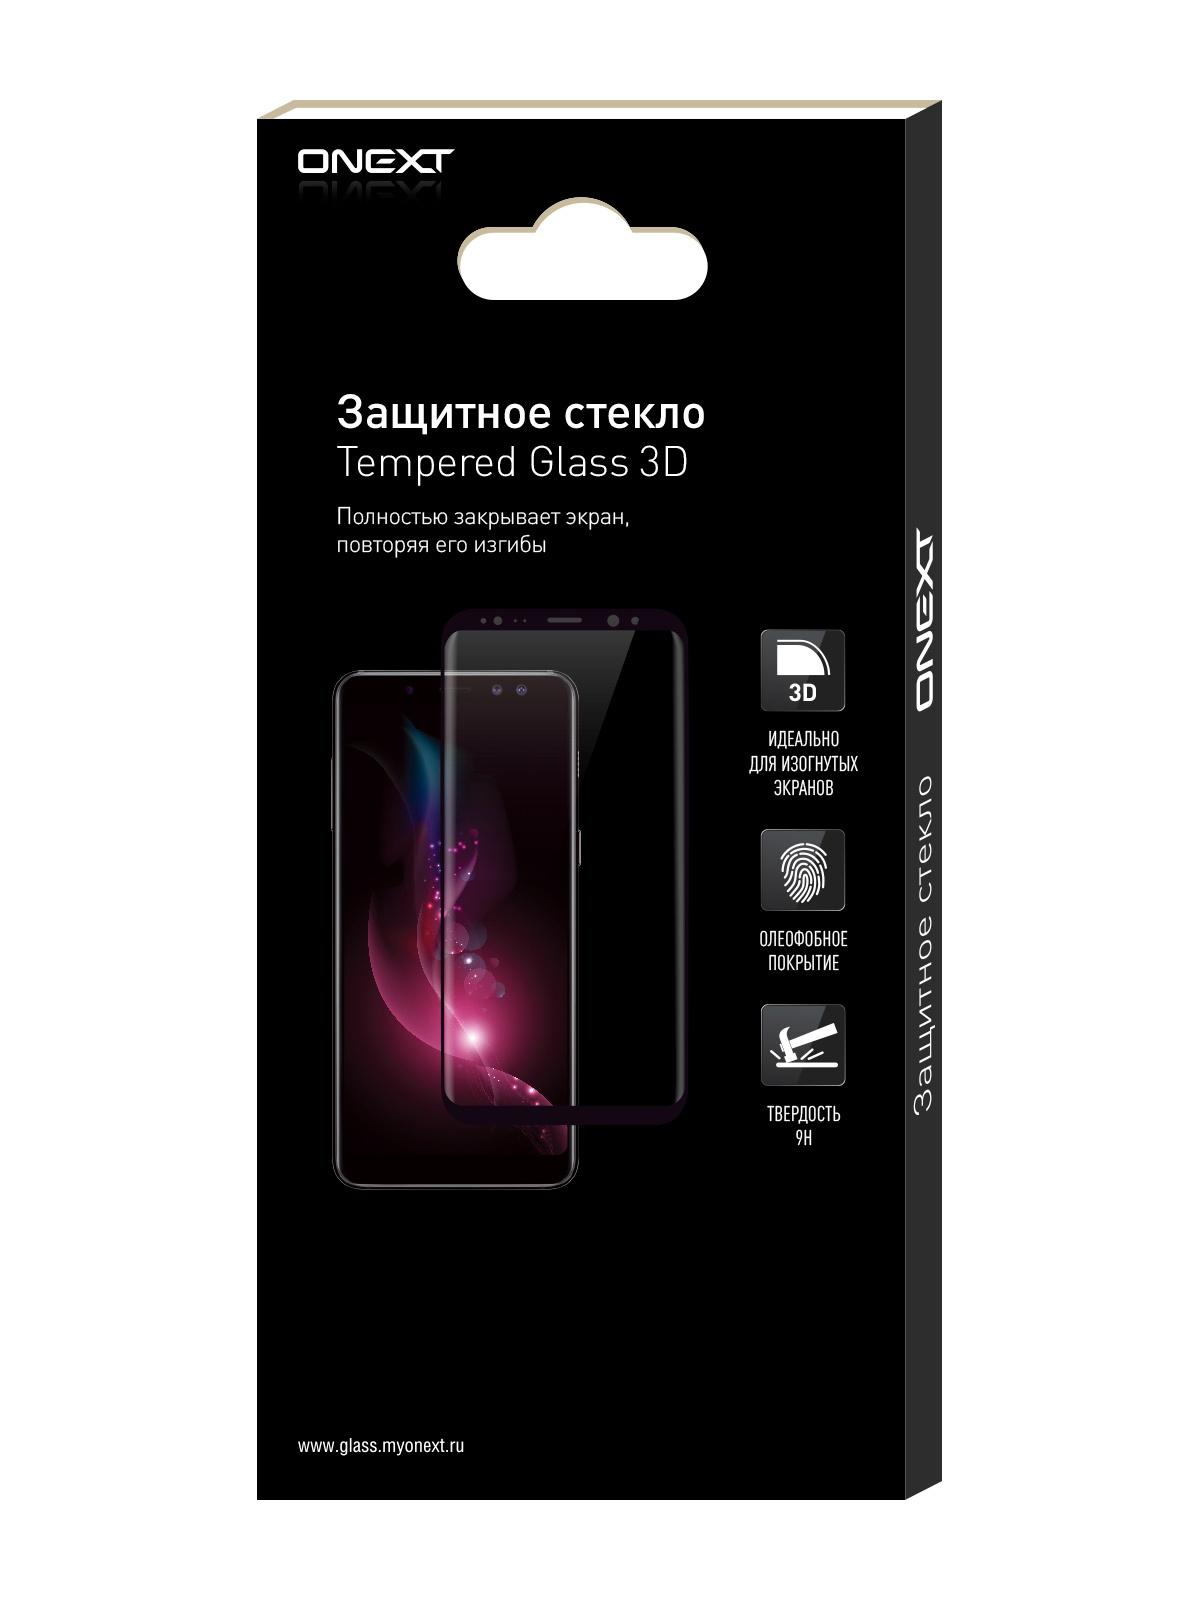 Защитное стекло ONEXT Samsung Galaxy S7 3D с рамкой аксессуар защитное стекло для samsung galaxy s7 onext 3d с рамкой silver